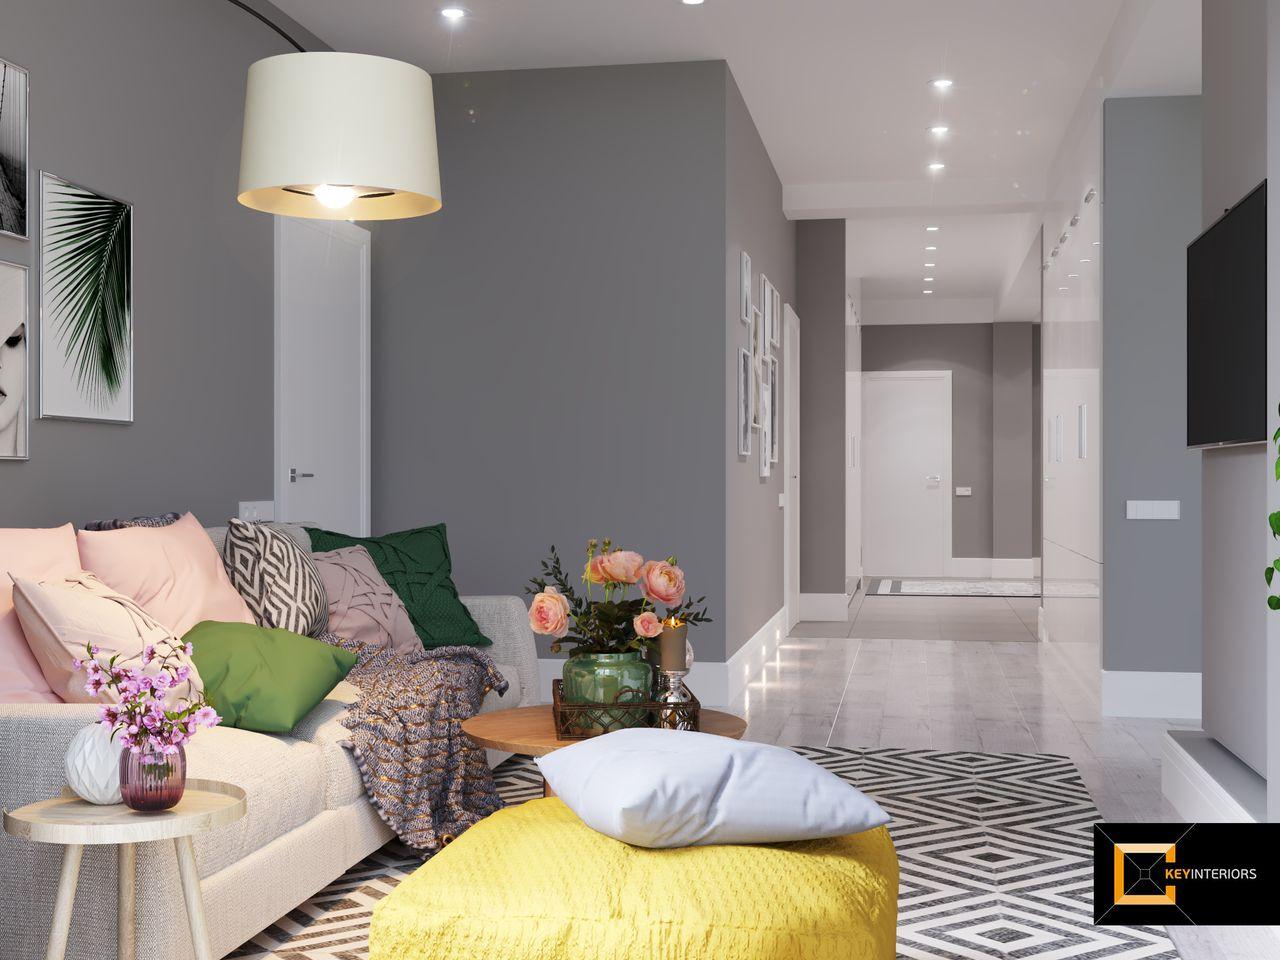 Apartament, canapea, interior design